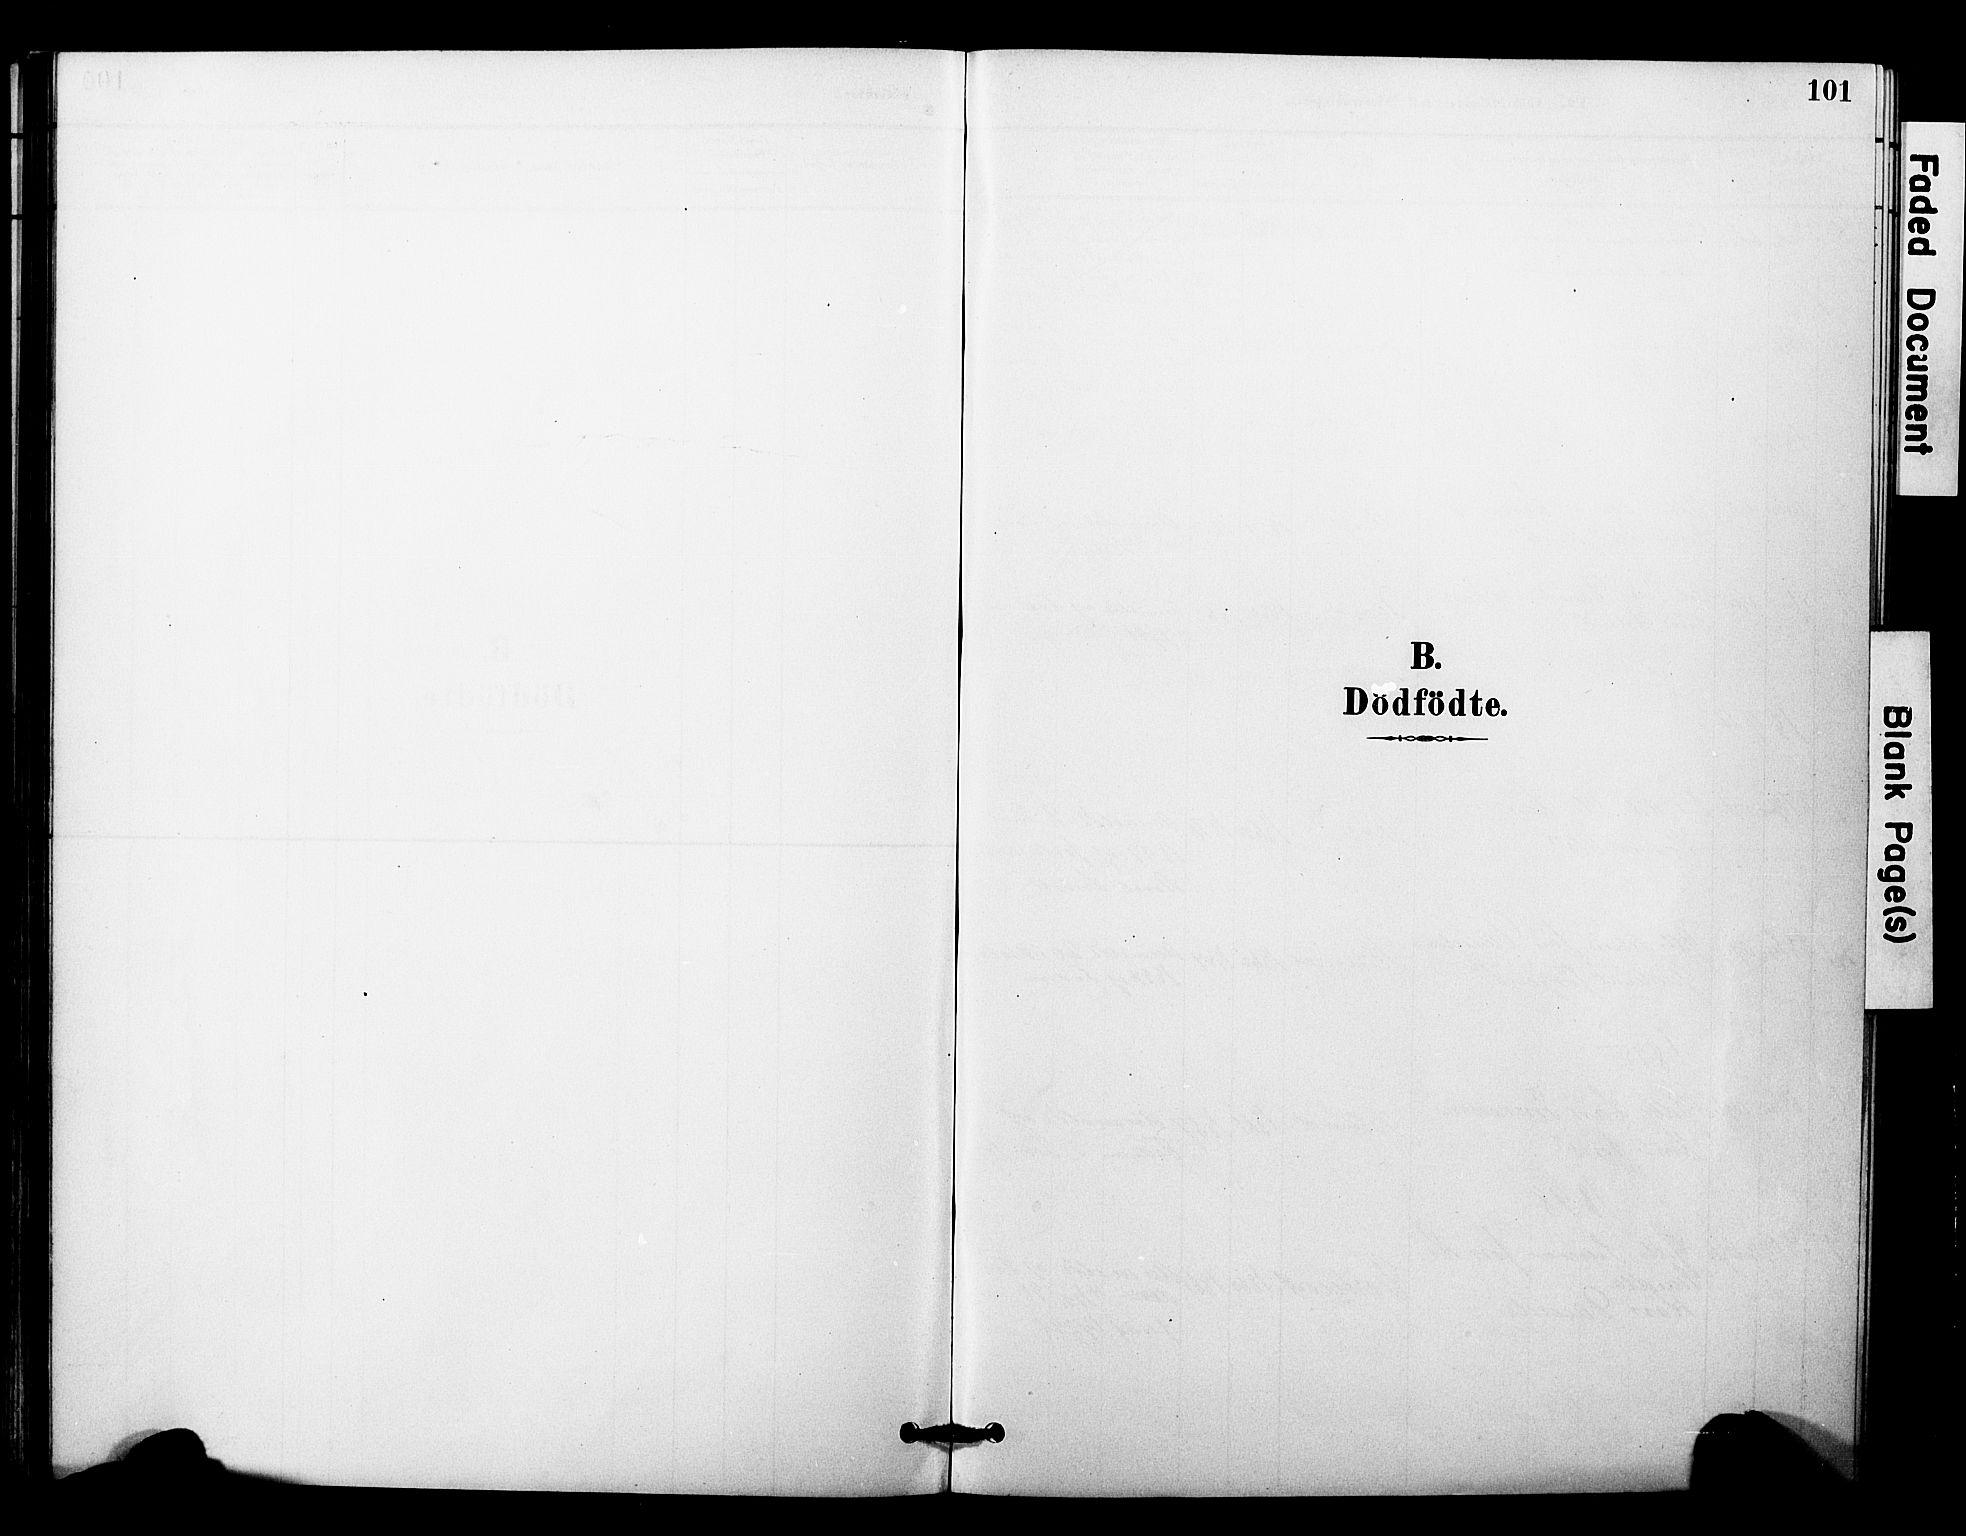 SAT, Ministerialprotokoller, klokkerbøker og fødselsregistre - Nord-Trøndelag, 757/L0505: Ministerialbok nr. 757A01, 1882-1904, s. 101